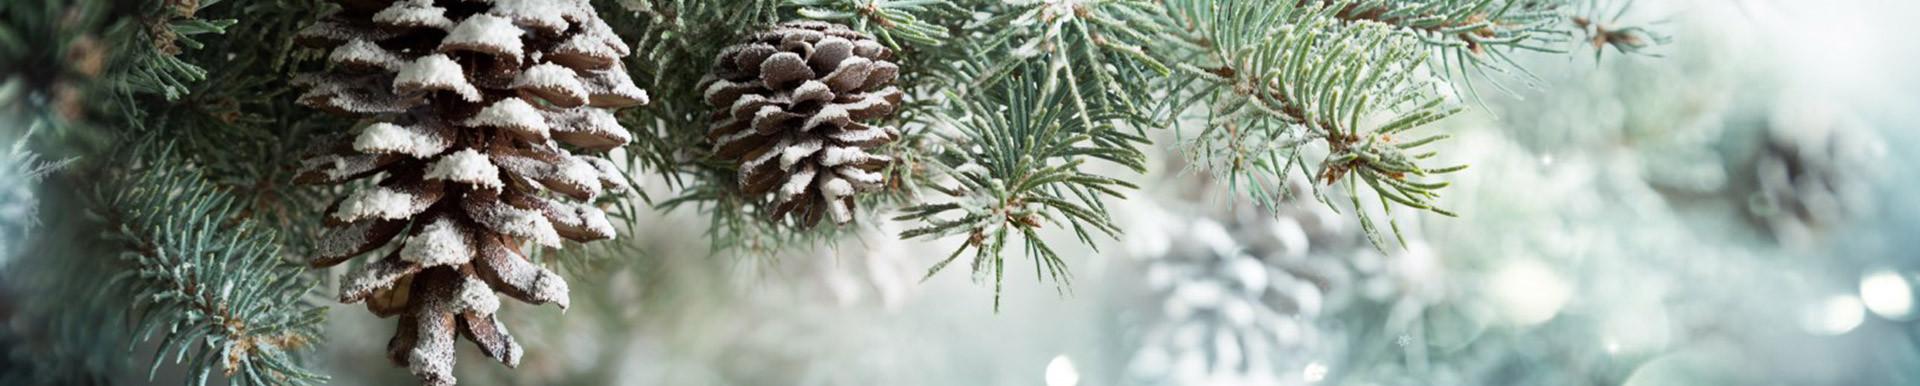 winter-small-header.jpg